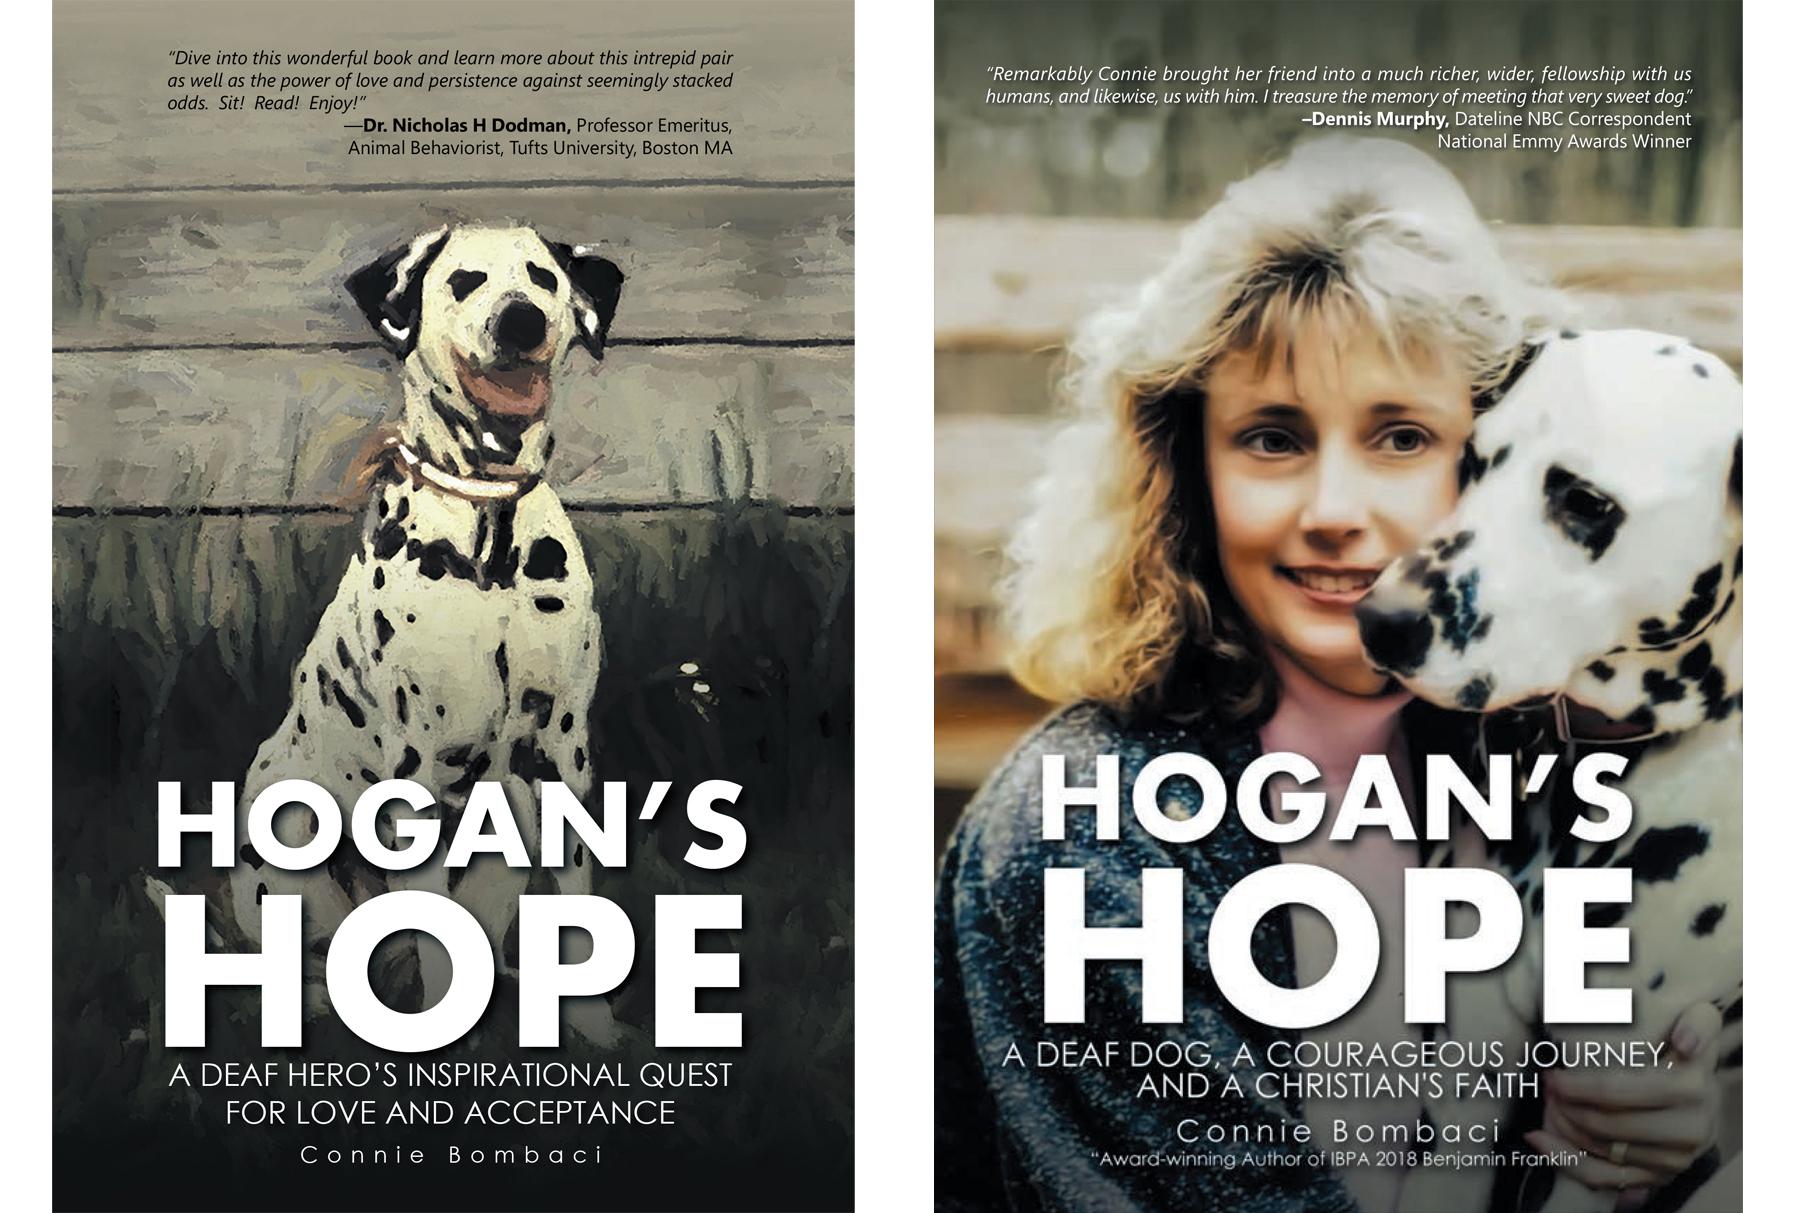 Book Covers _both.6x4jpg.jpg